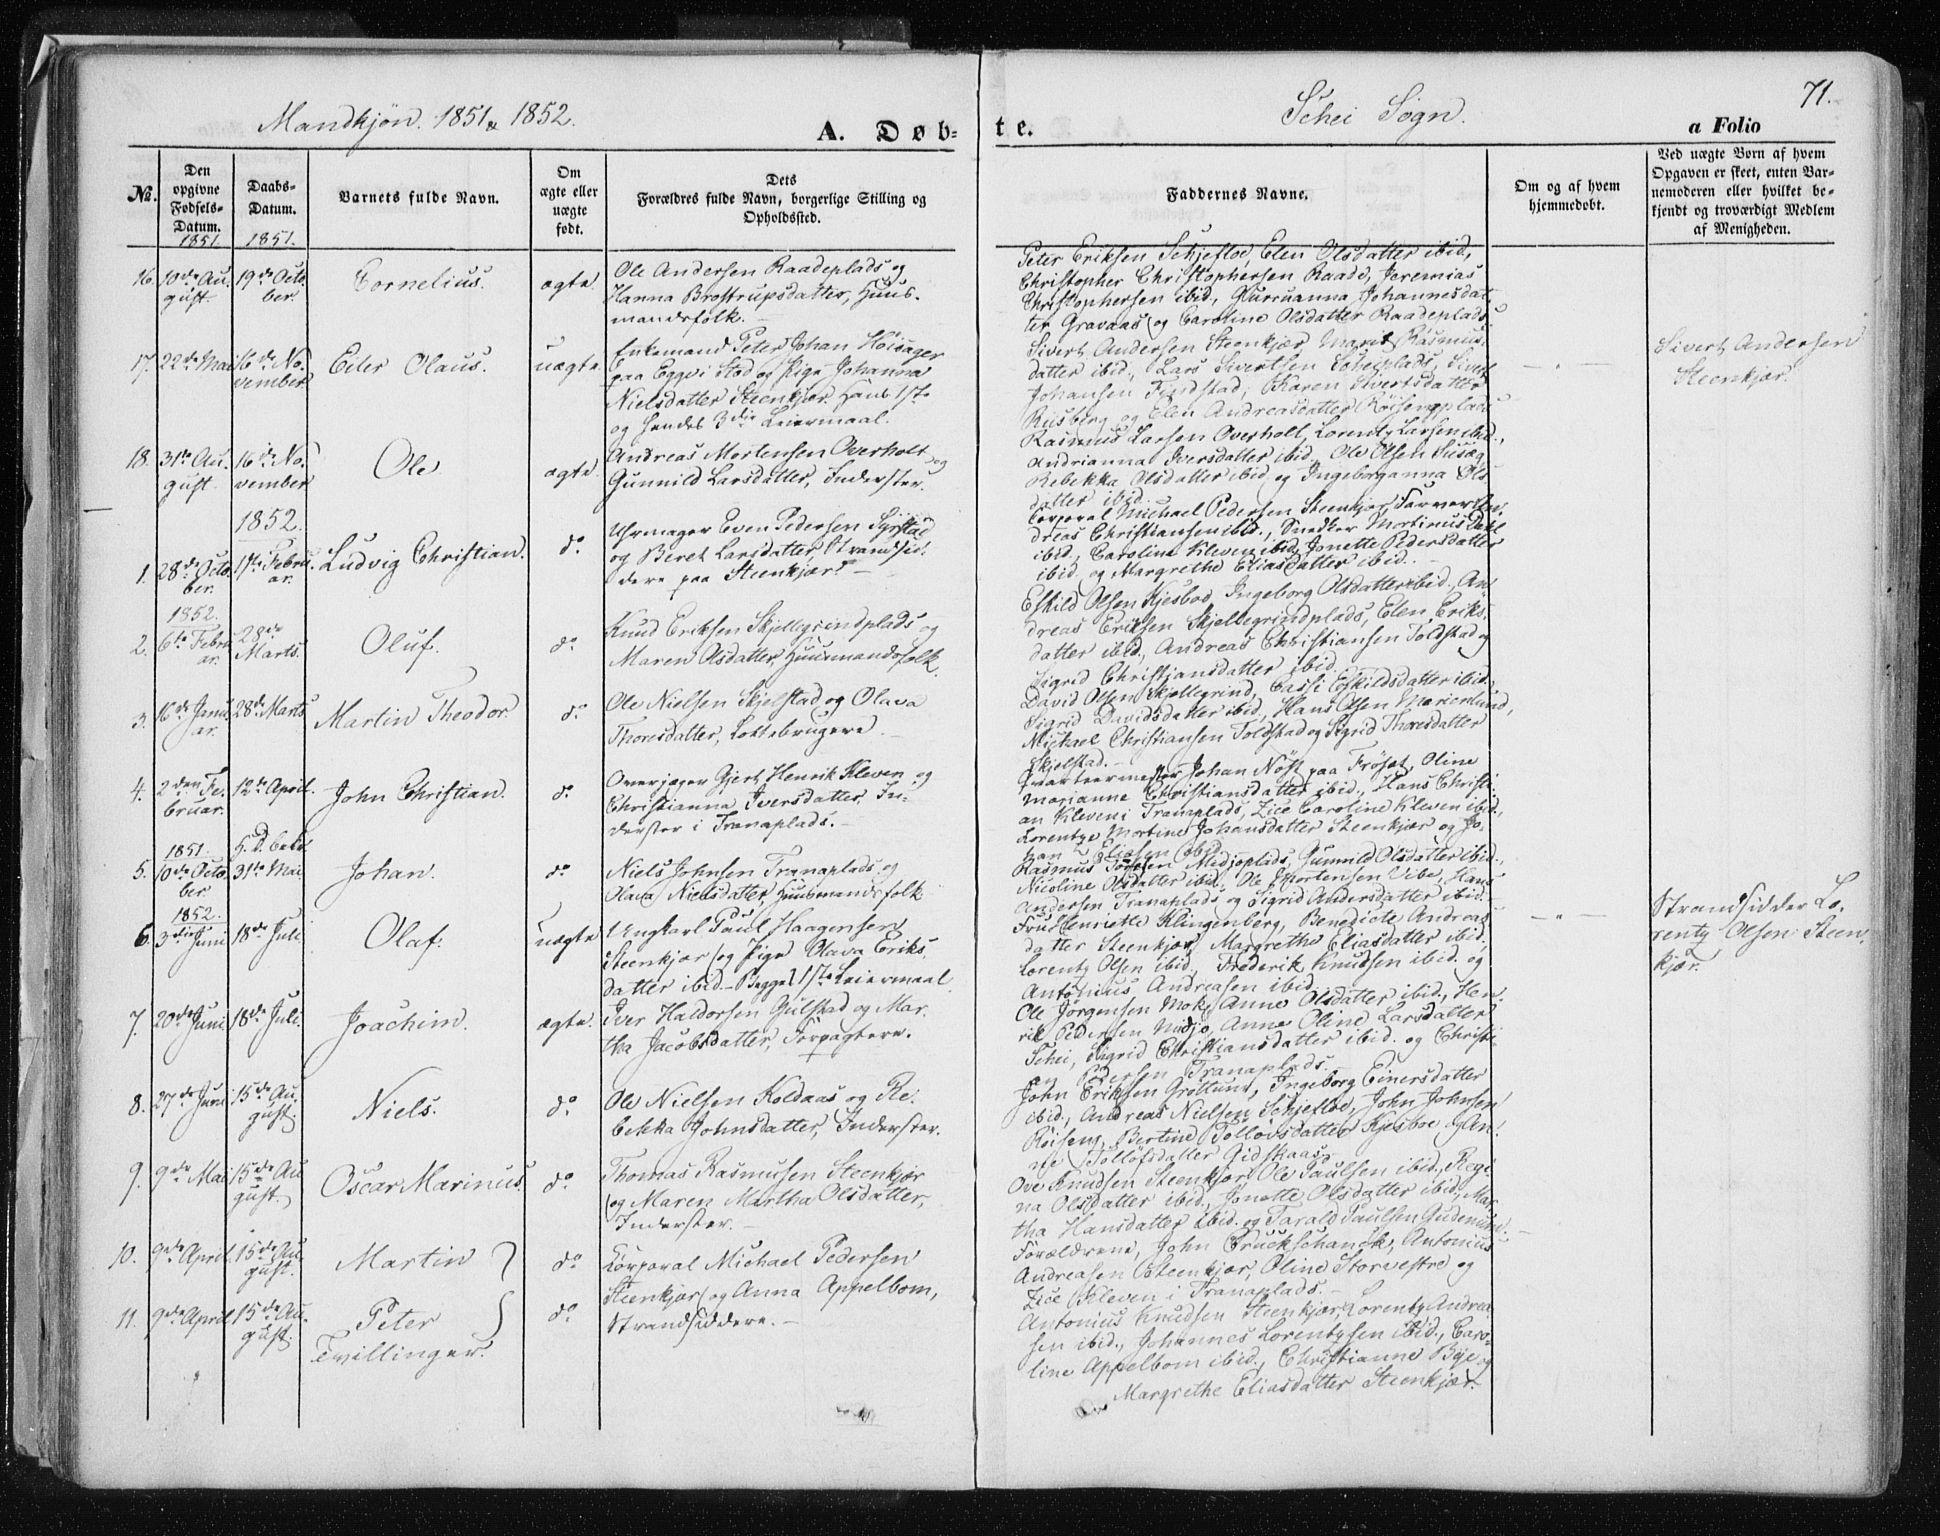 SAT, Ministerialprotokoller, klokkerbøker og fødselsregistre - Nord-Trøndelag, 735/L0342: Ministerialbok nr. 735A07 /2, 1849-1862, s. 71